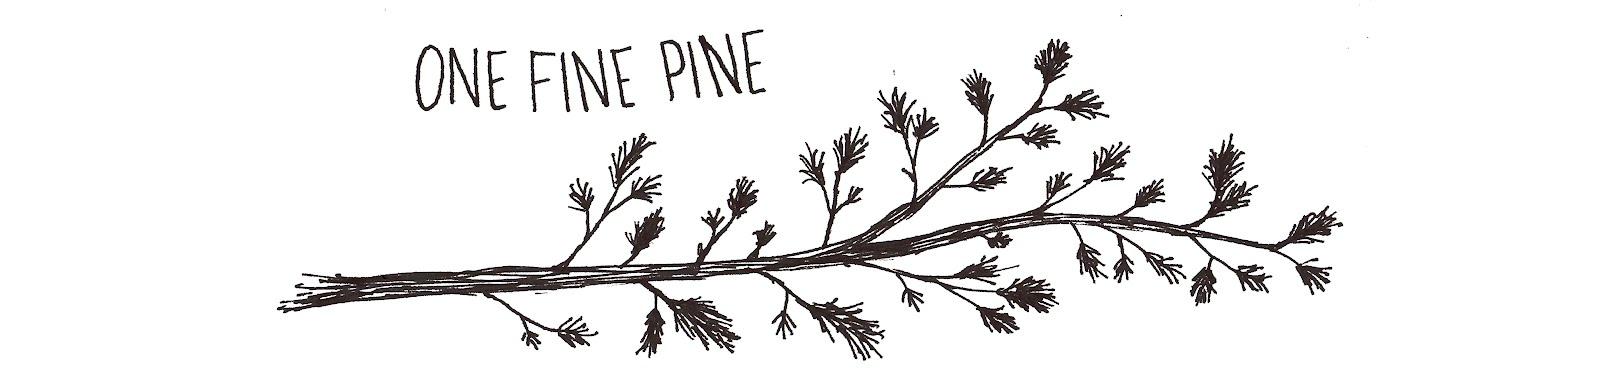 One Fine Pine